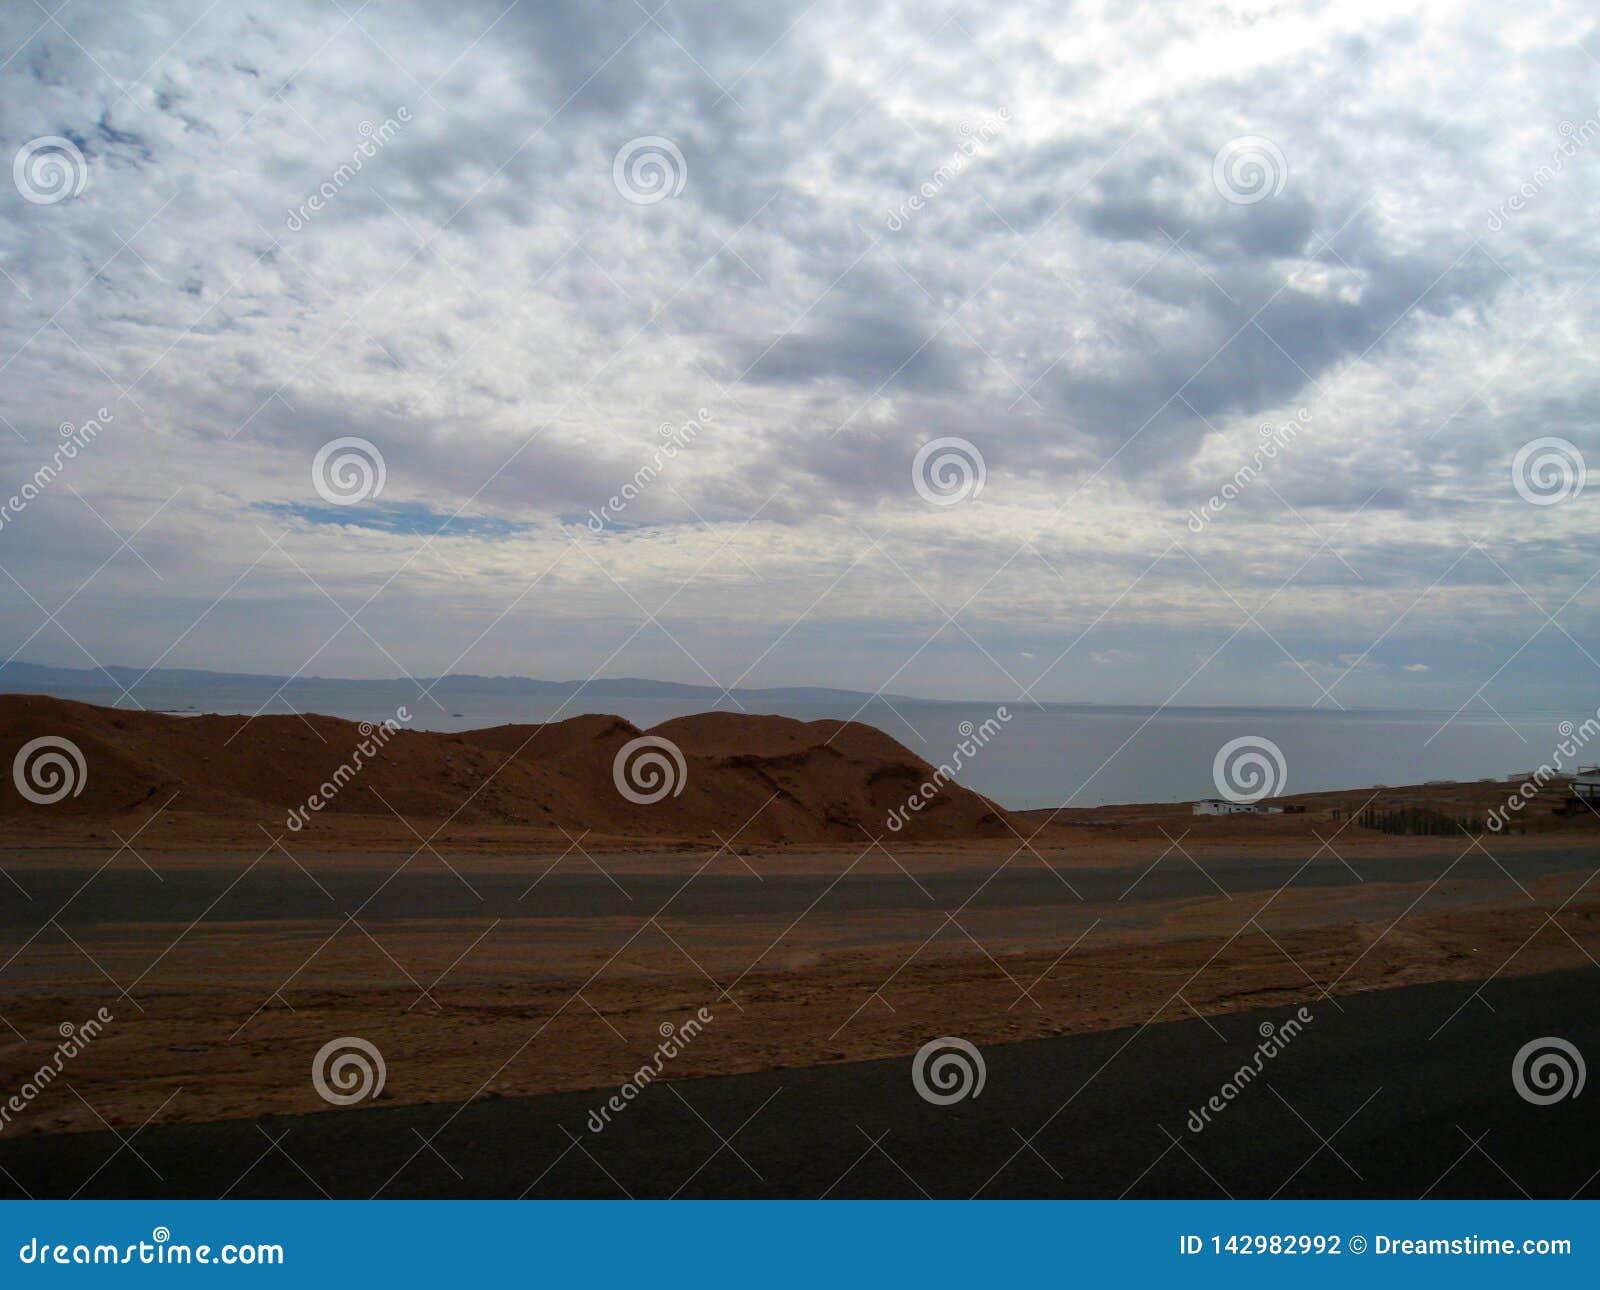 Road to Sharm El Sheikh, Egypt, South Sinai